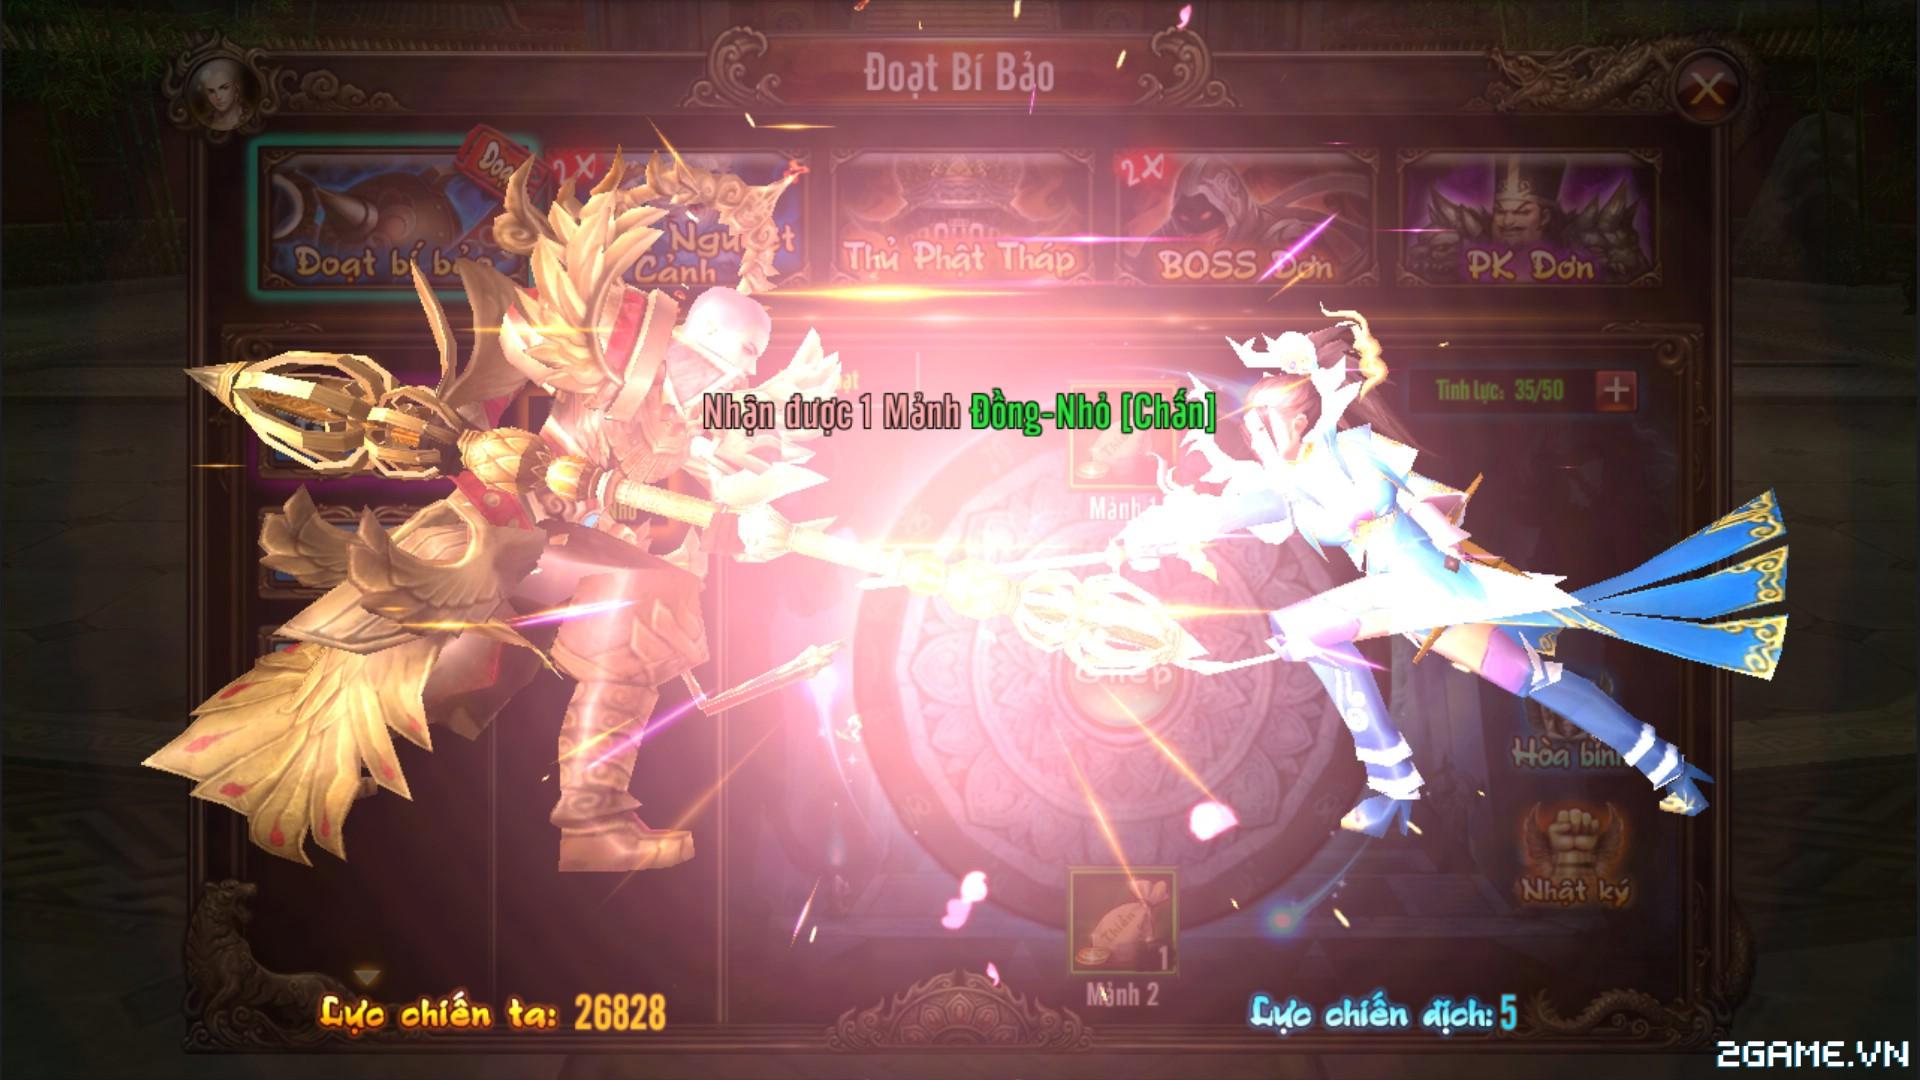 Kungfu Chi Vương - Tìm hiểu Đoạt Bí Bảo 9